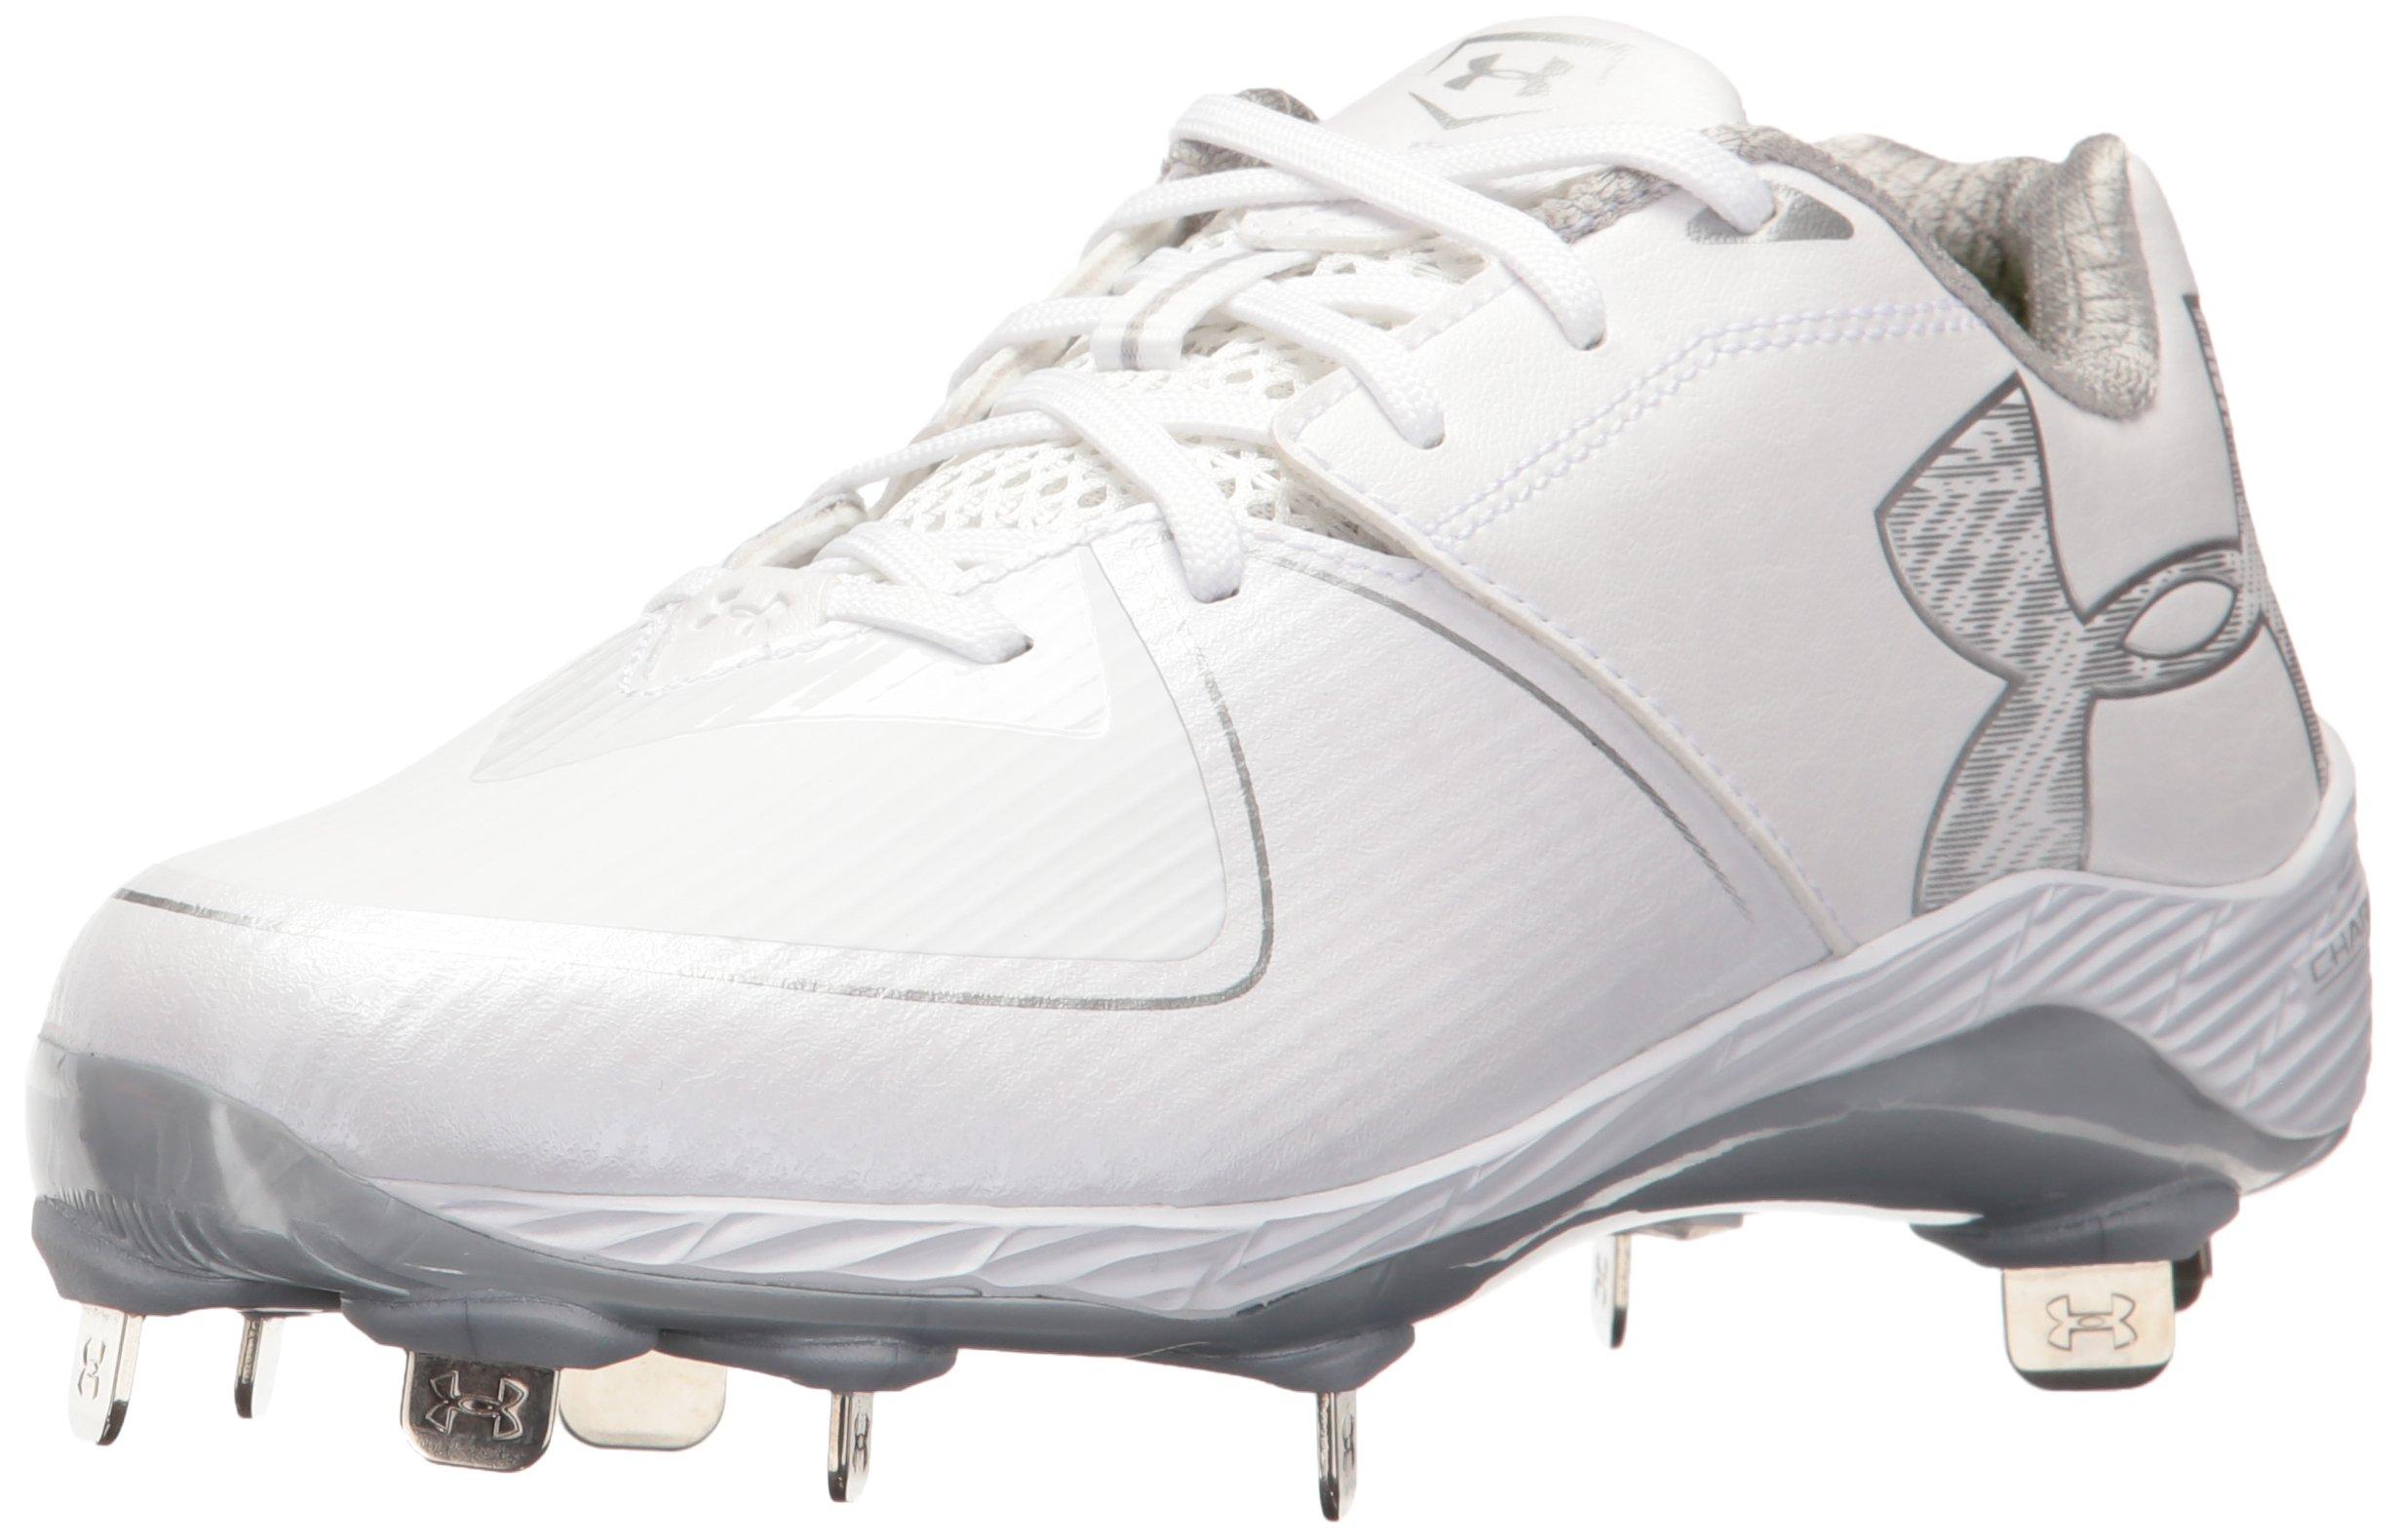 Under Armour Men's Glyde 2.0 ST Softball Shoe, White (100)/White, 8.5